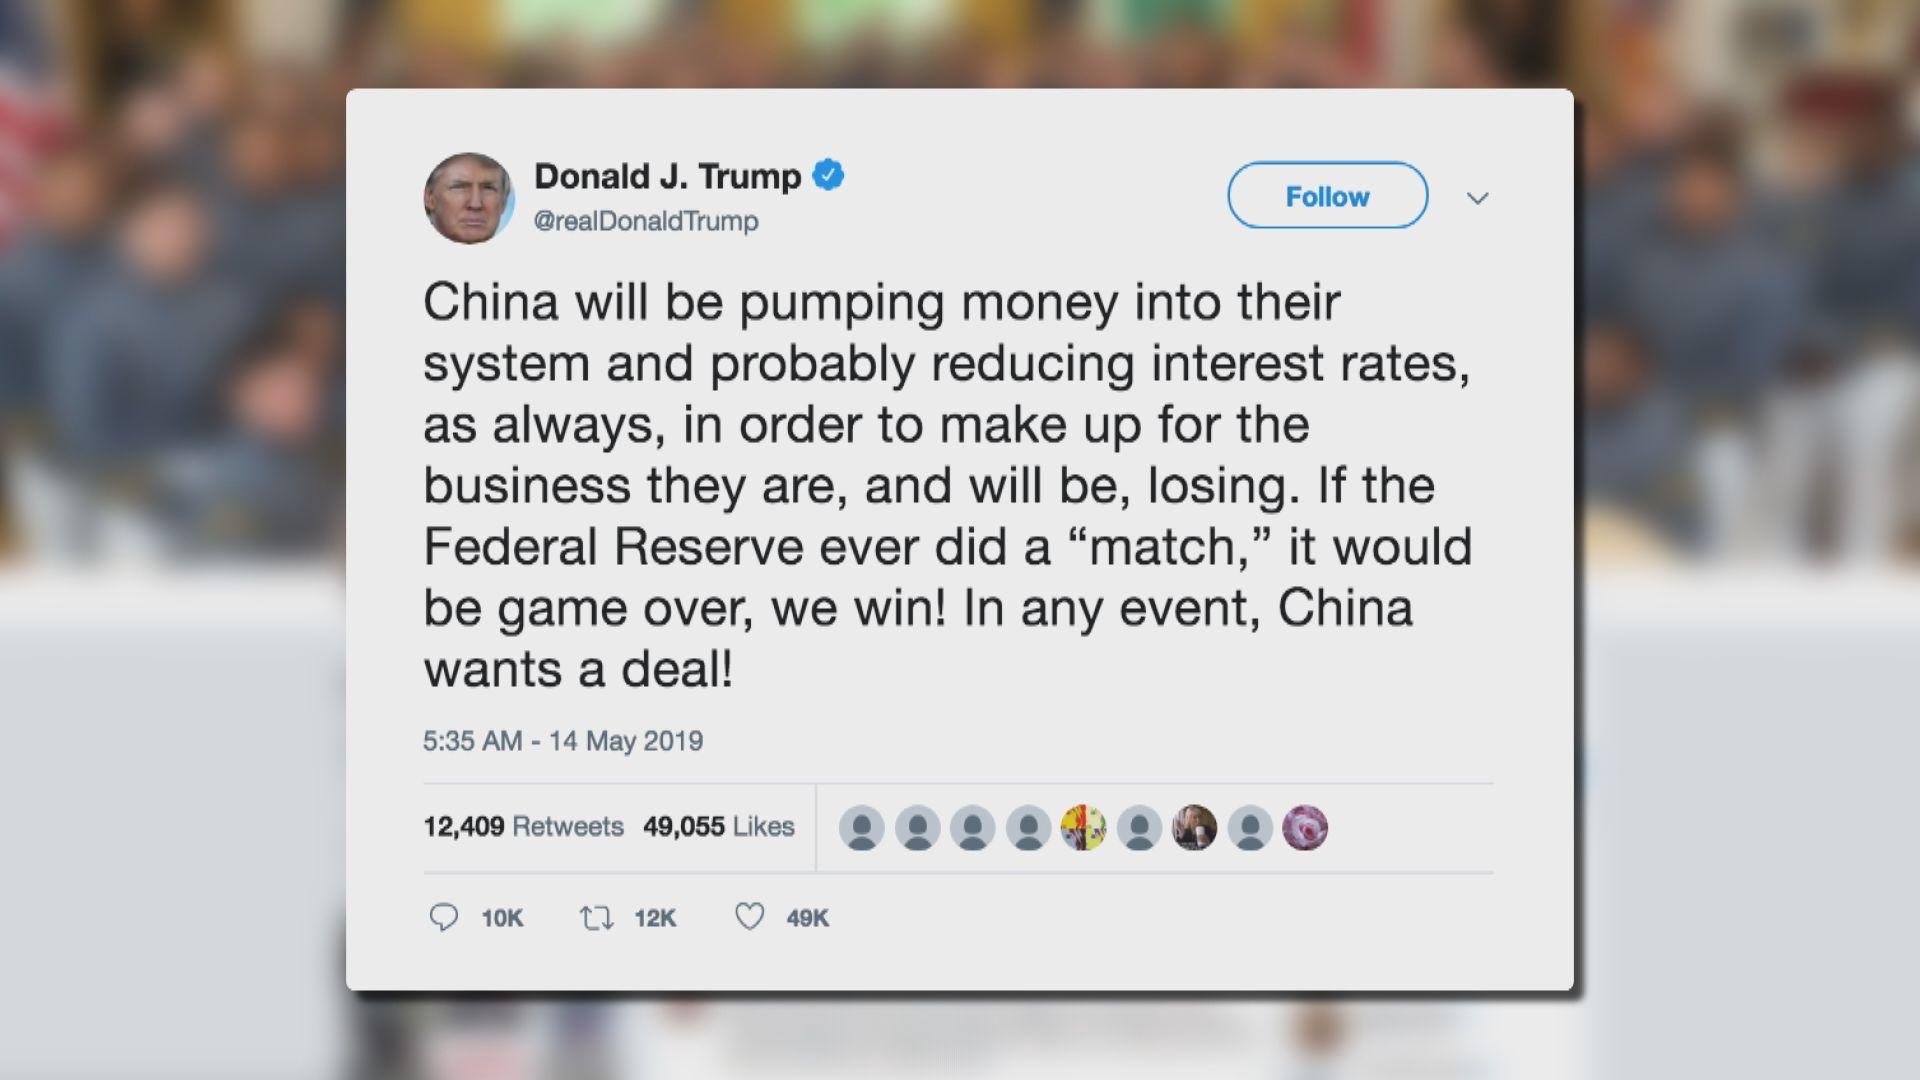 【中美貿易戰升級】特朗普叫聯儲局減息幫手「打仗」